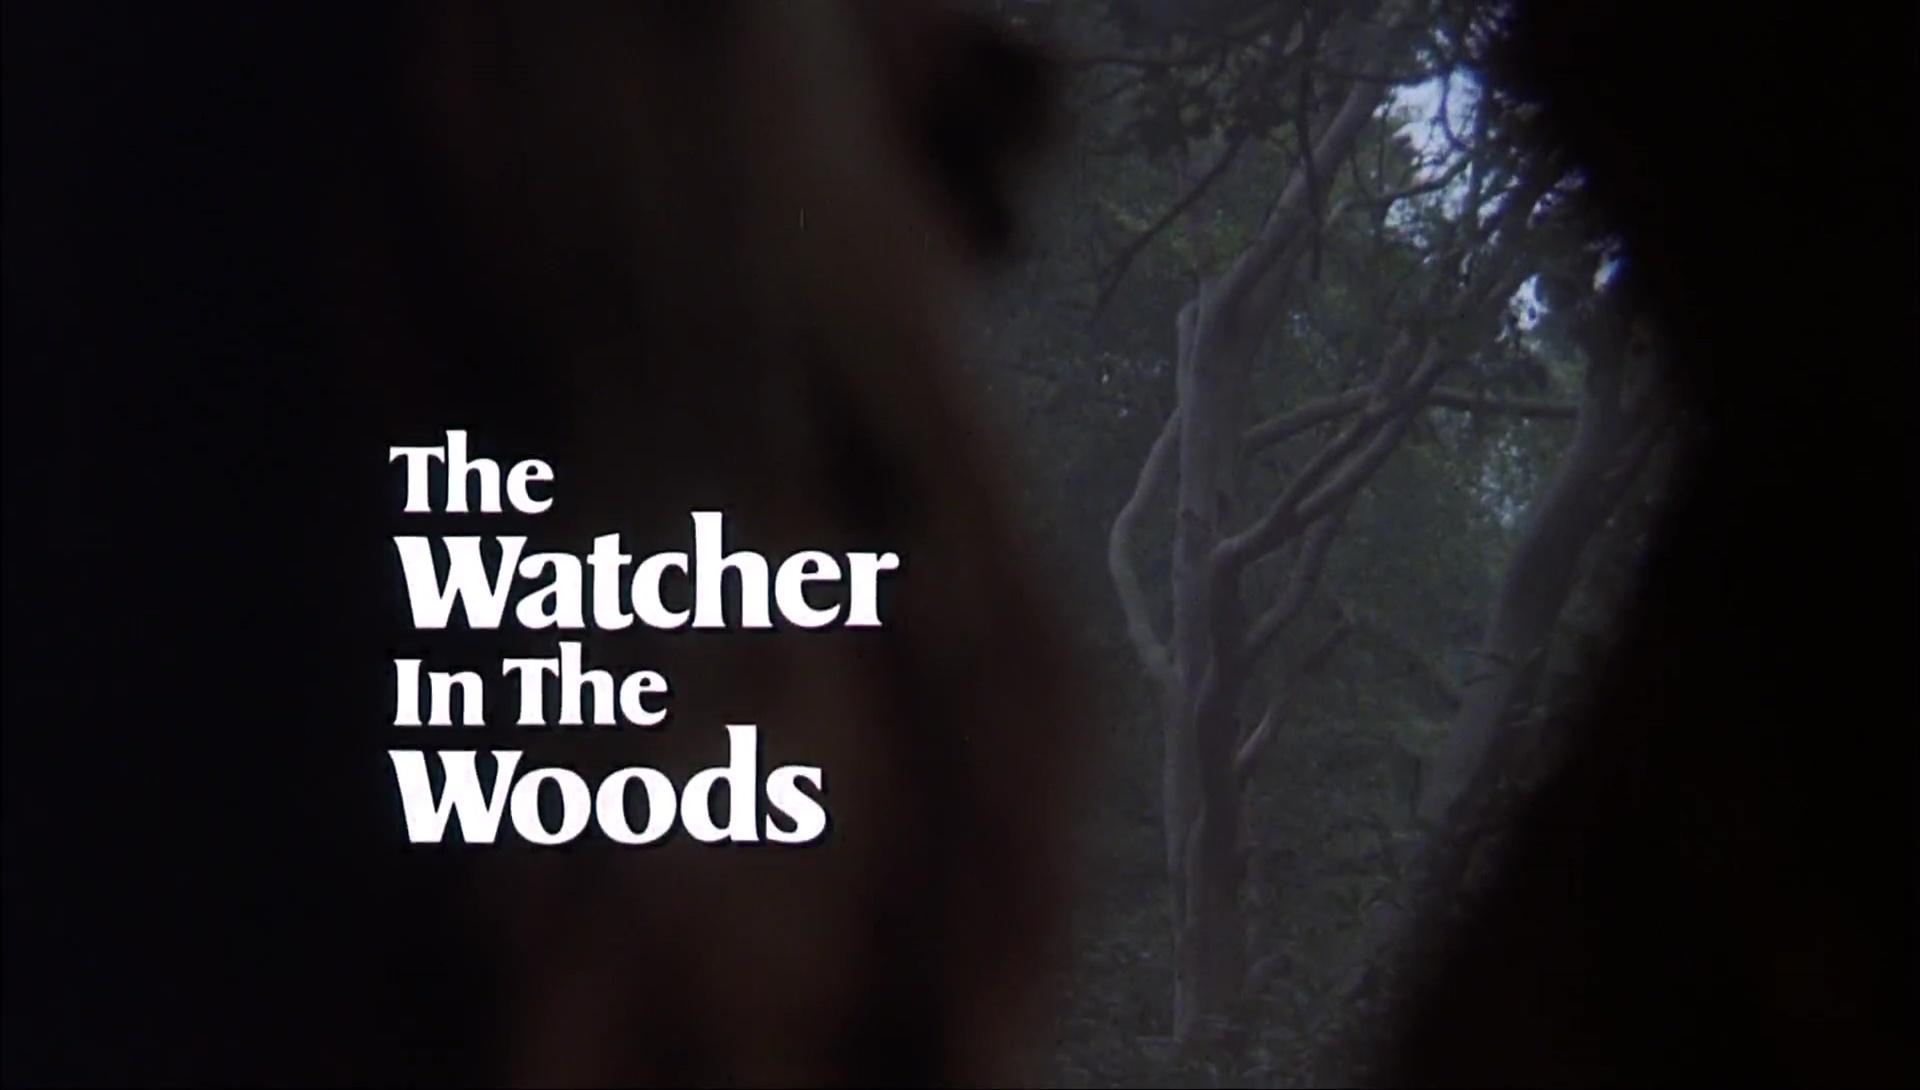 LES YEUX DE LA FORÊT (The Watcher in the Woods) de John Hough (1980)